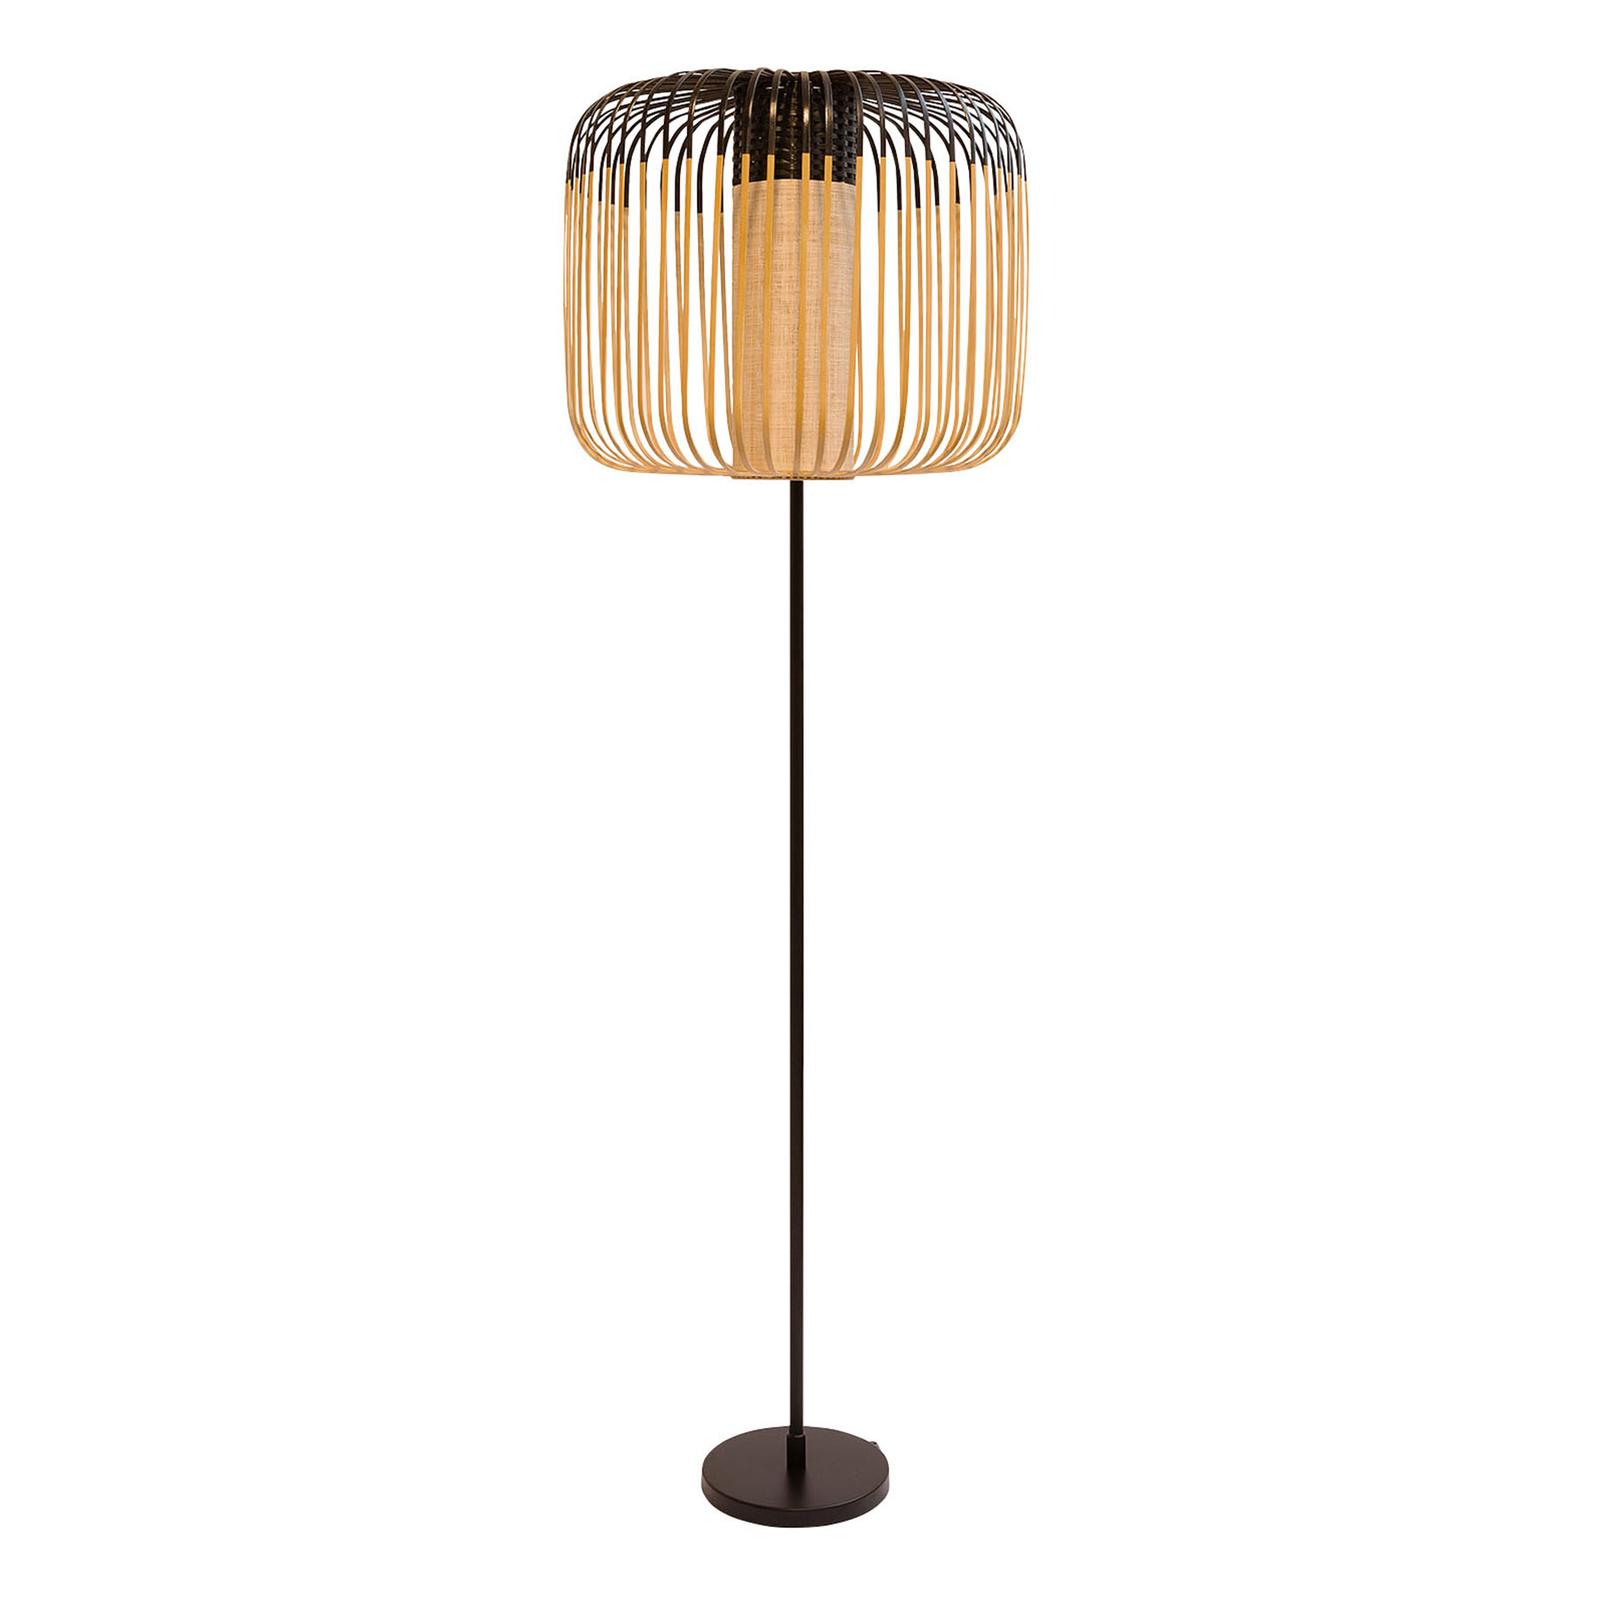 Forestier Bamboo Light lampadaire à 1 lampe noir